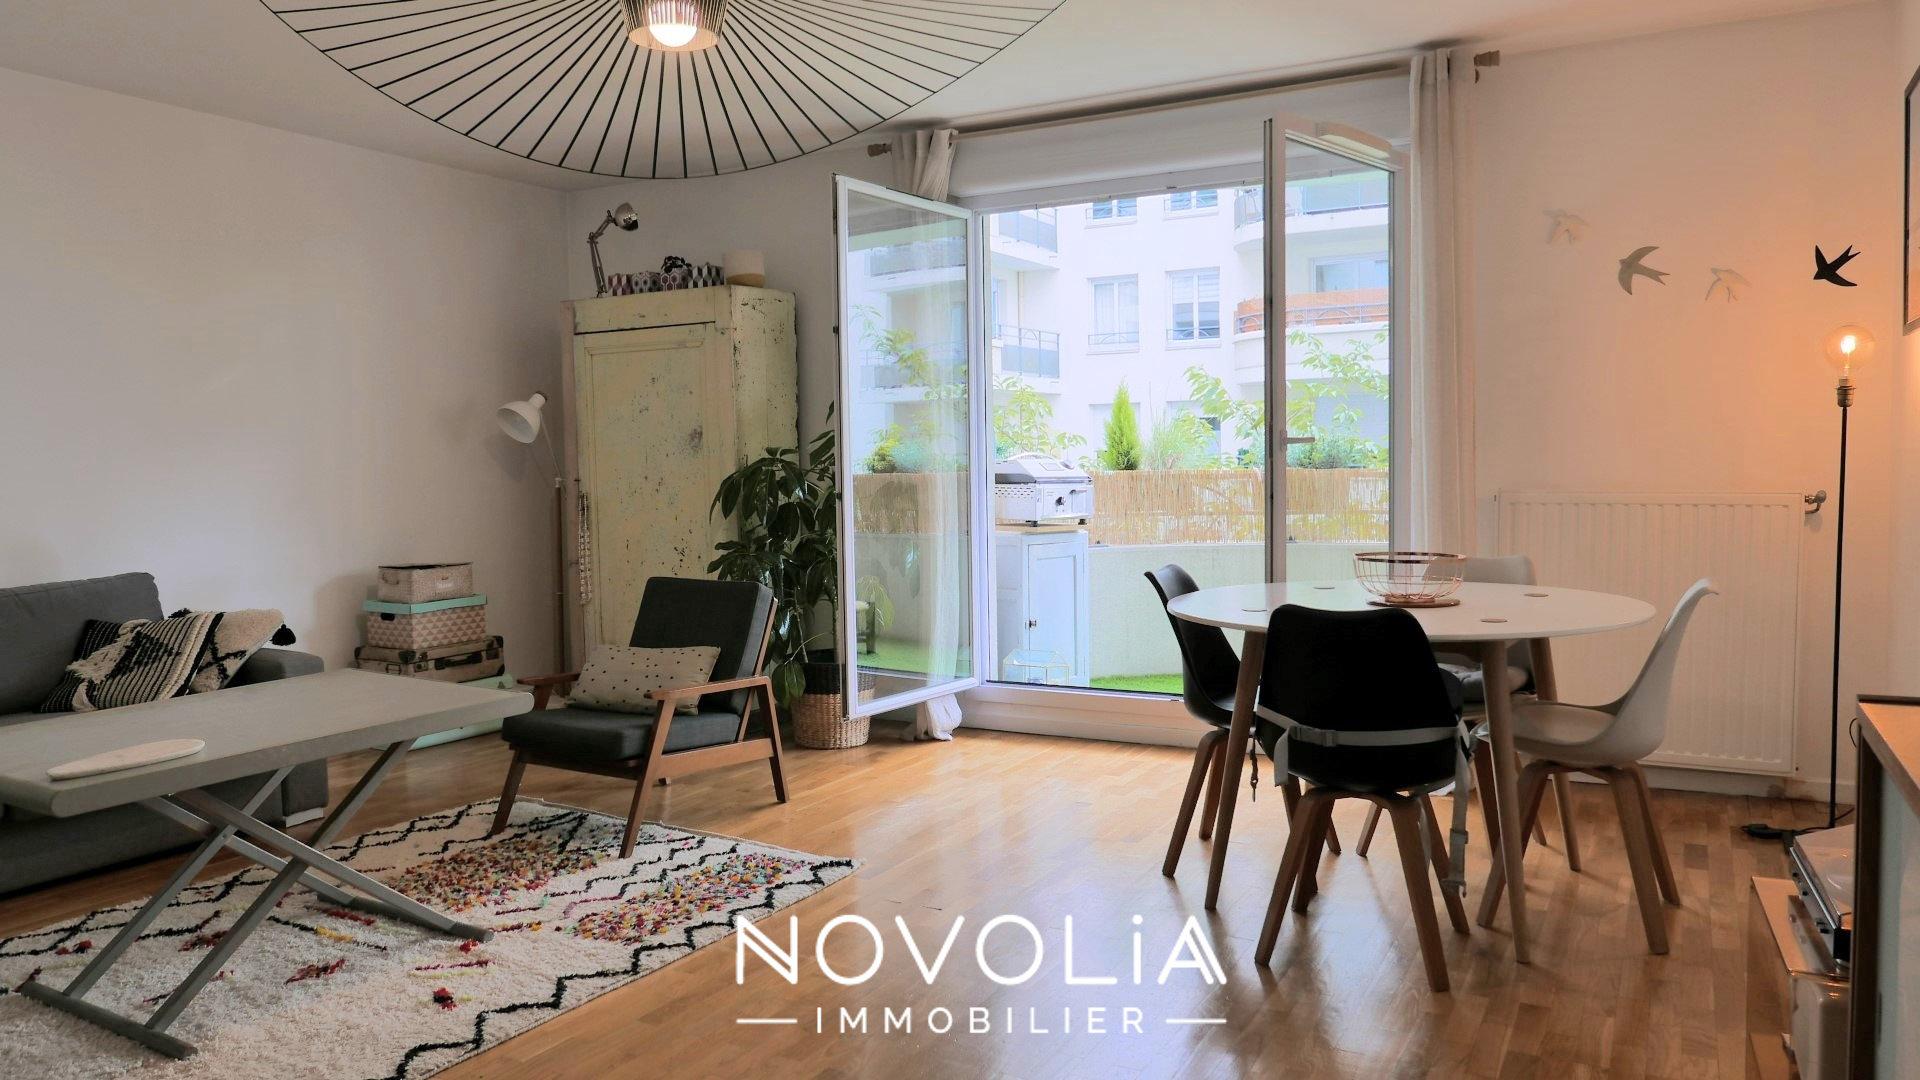 Achat Appartement Surface de 99 m², 4 pièces, Lyon 3ème (69003)